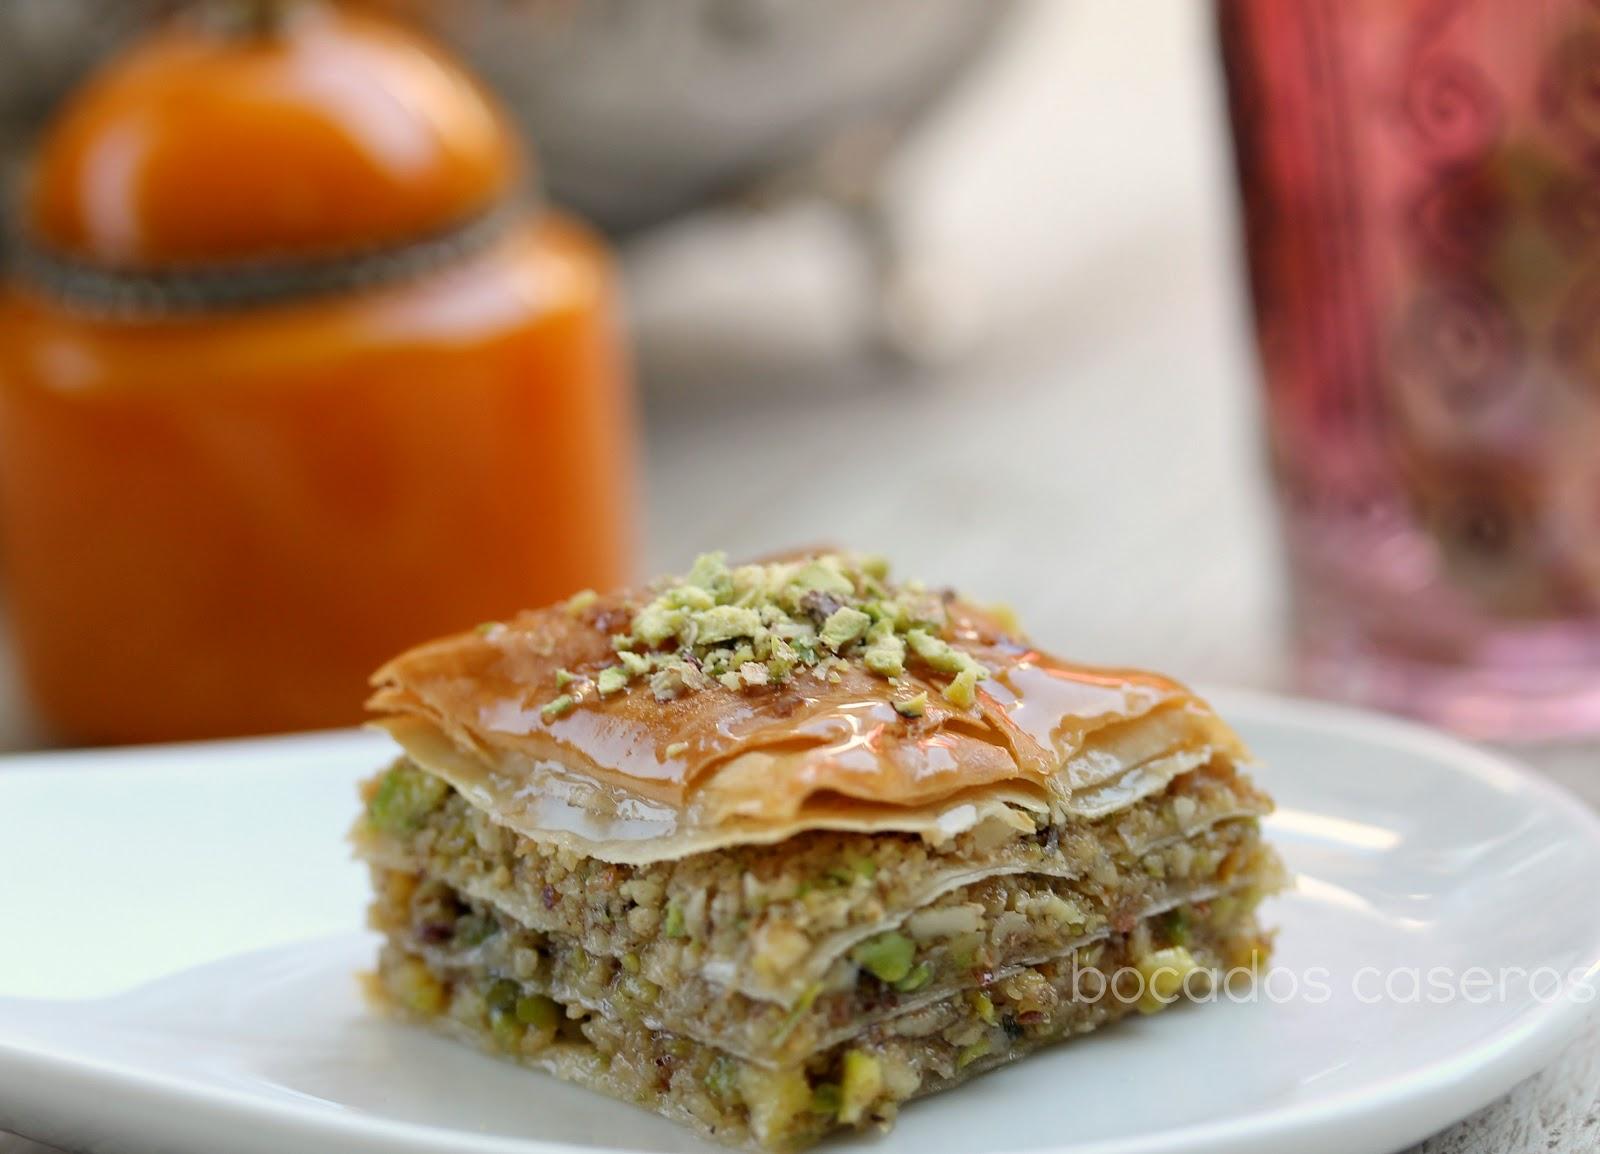 Bocados Caseros Baklava receta rabe tradicional